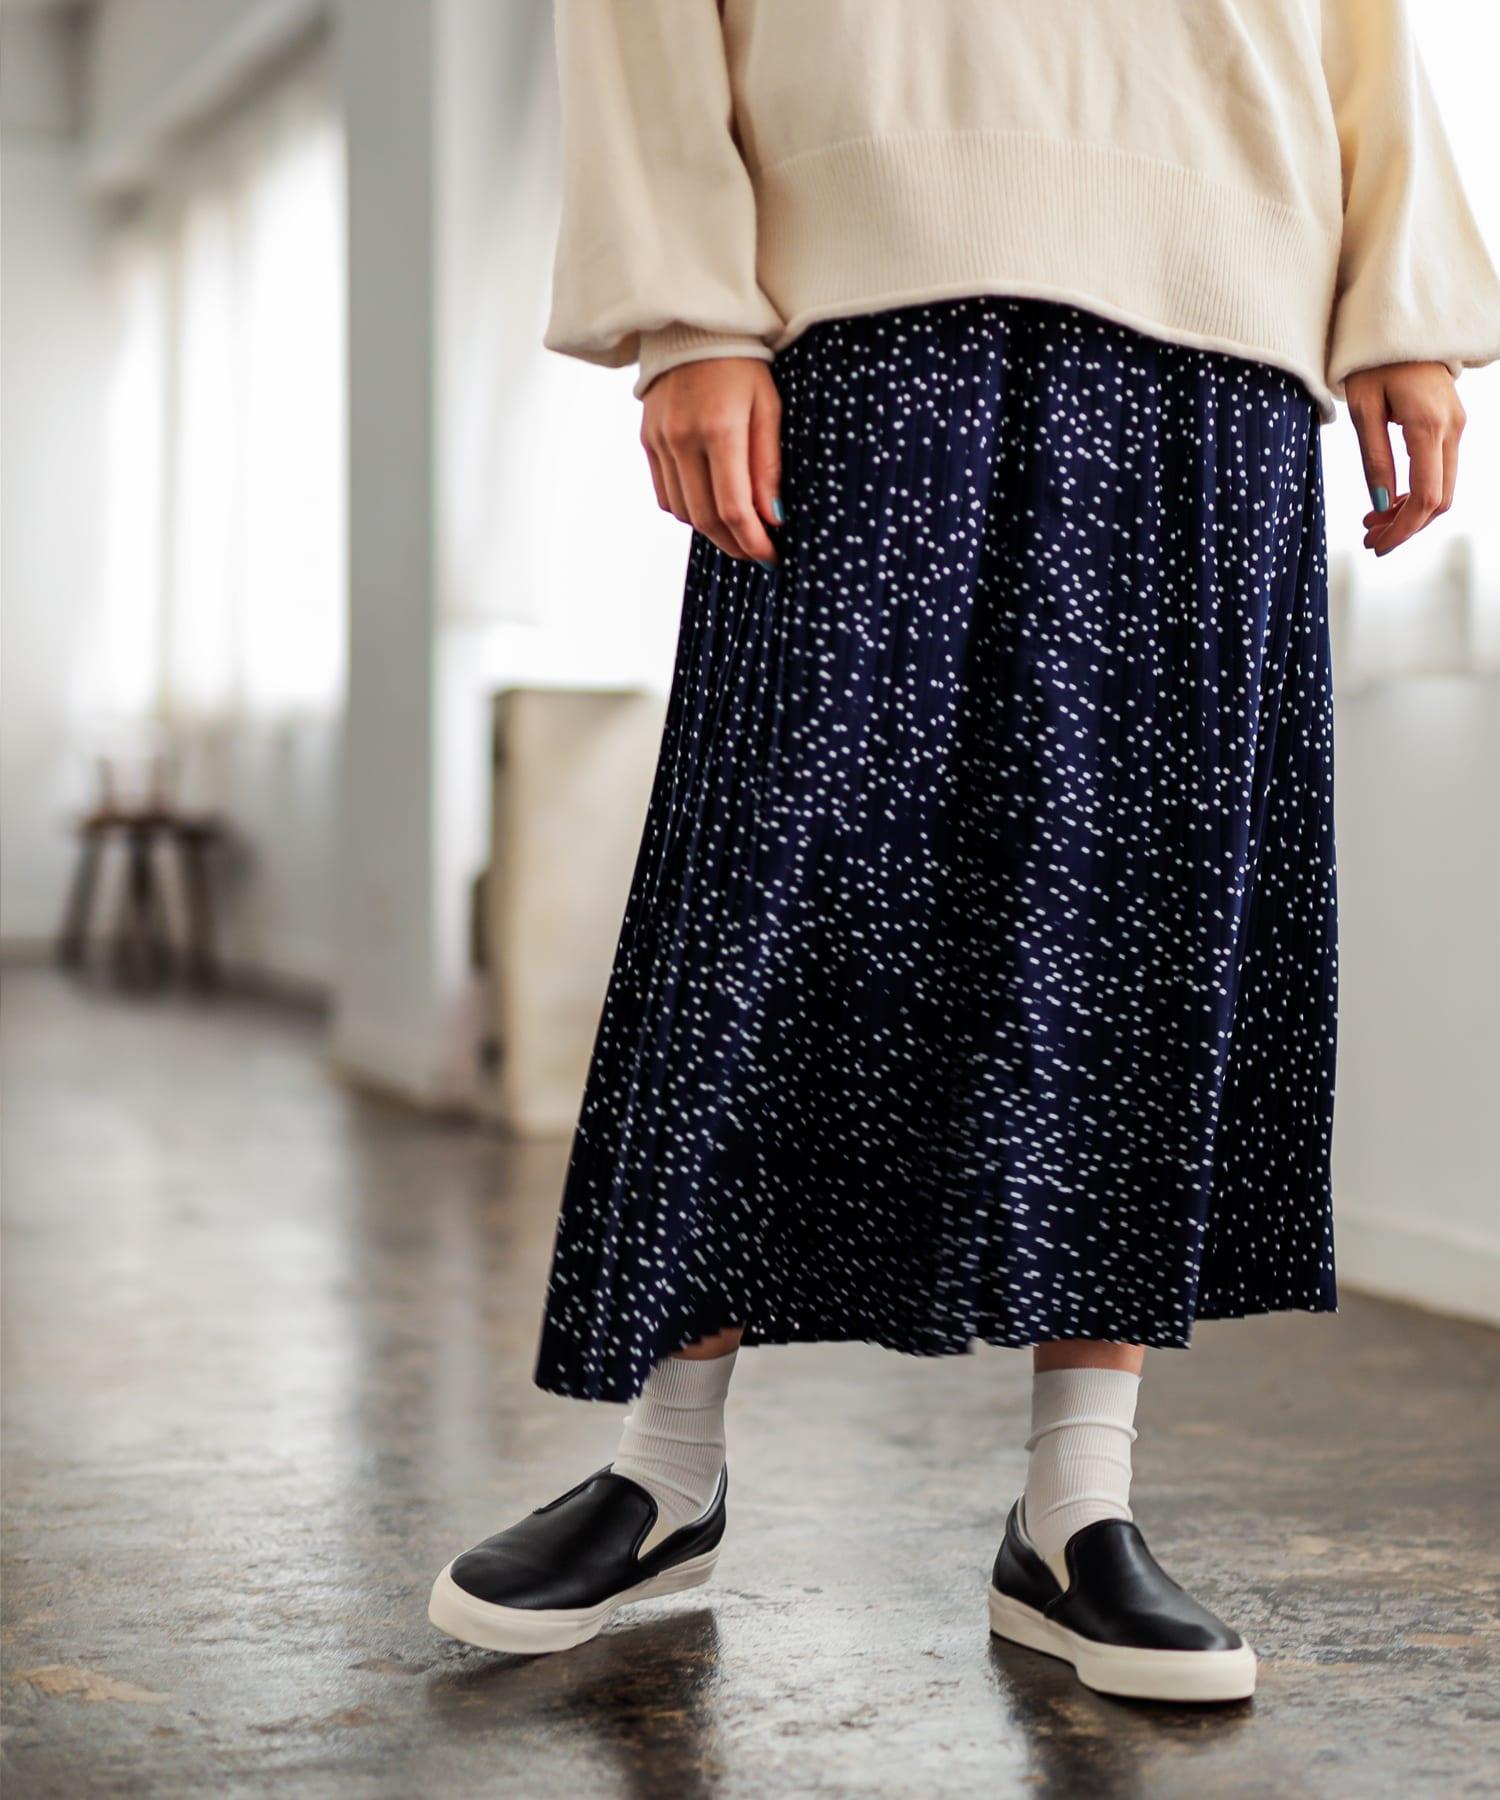 pual ce cin(ピュアルセシン) レディース 【WEB限定】水玉プリントプリーツスカート その他2